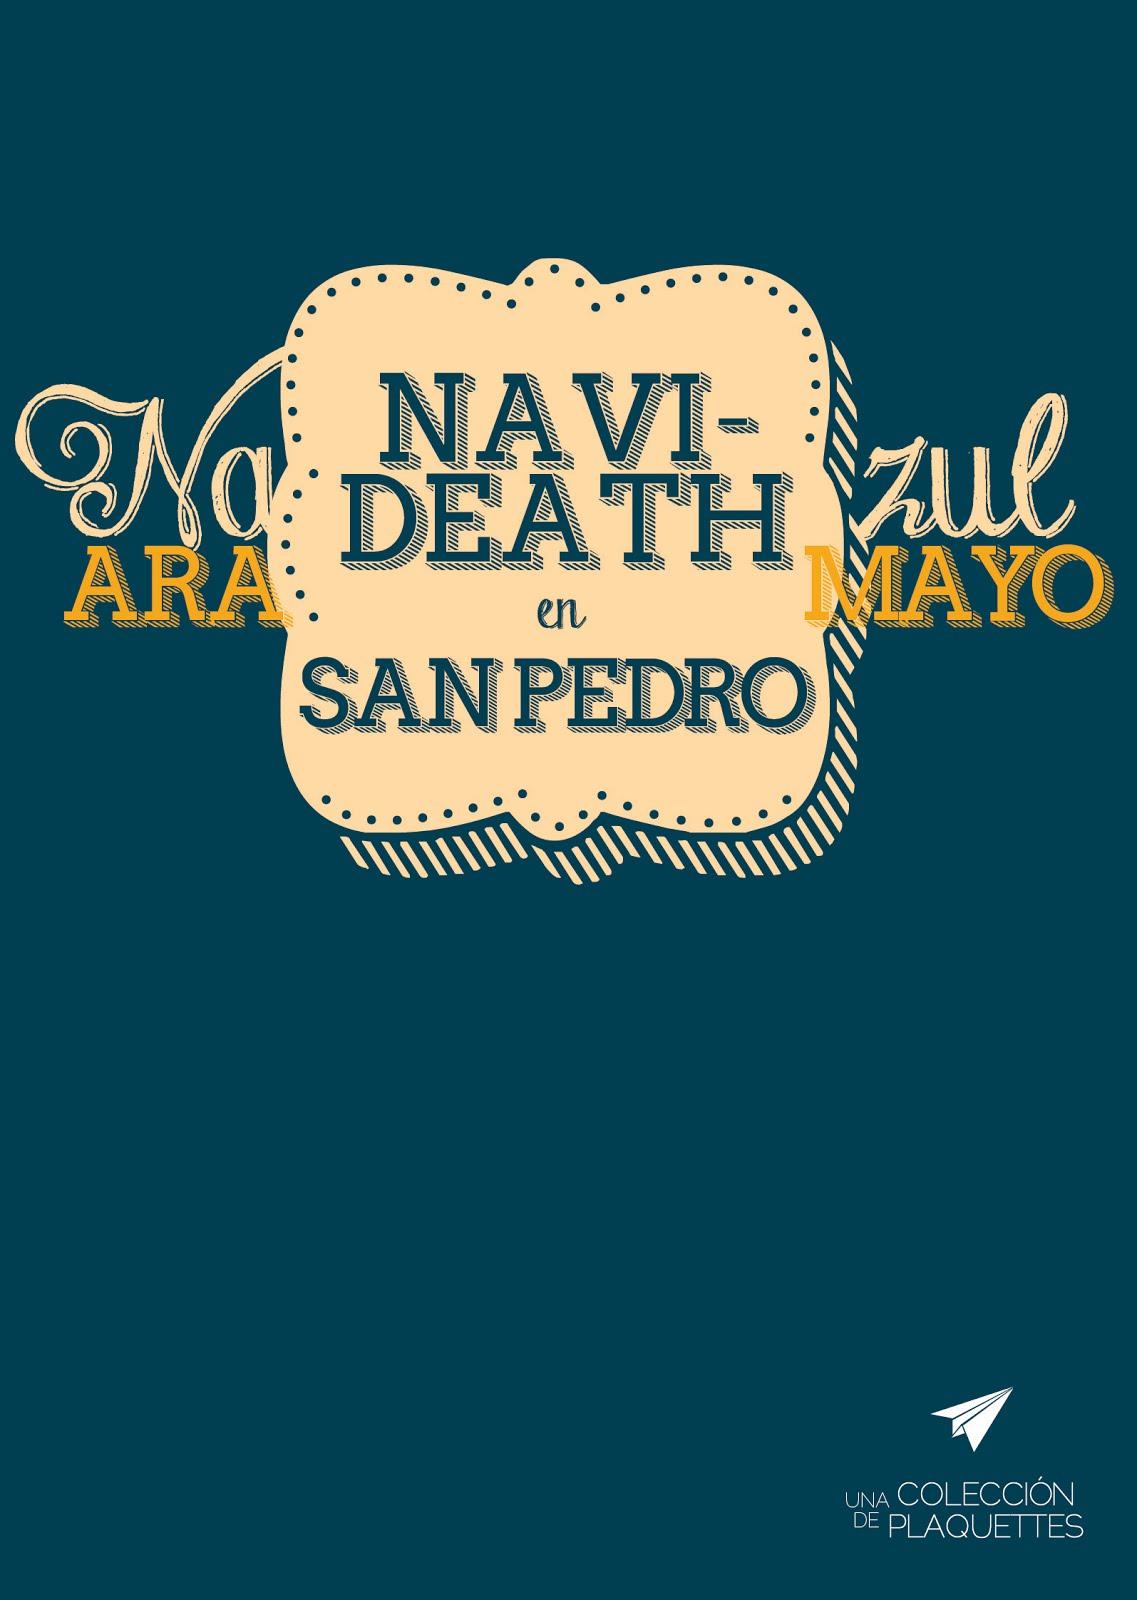 Navideath en San Pedro